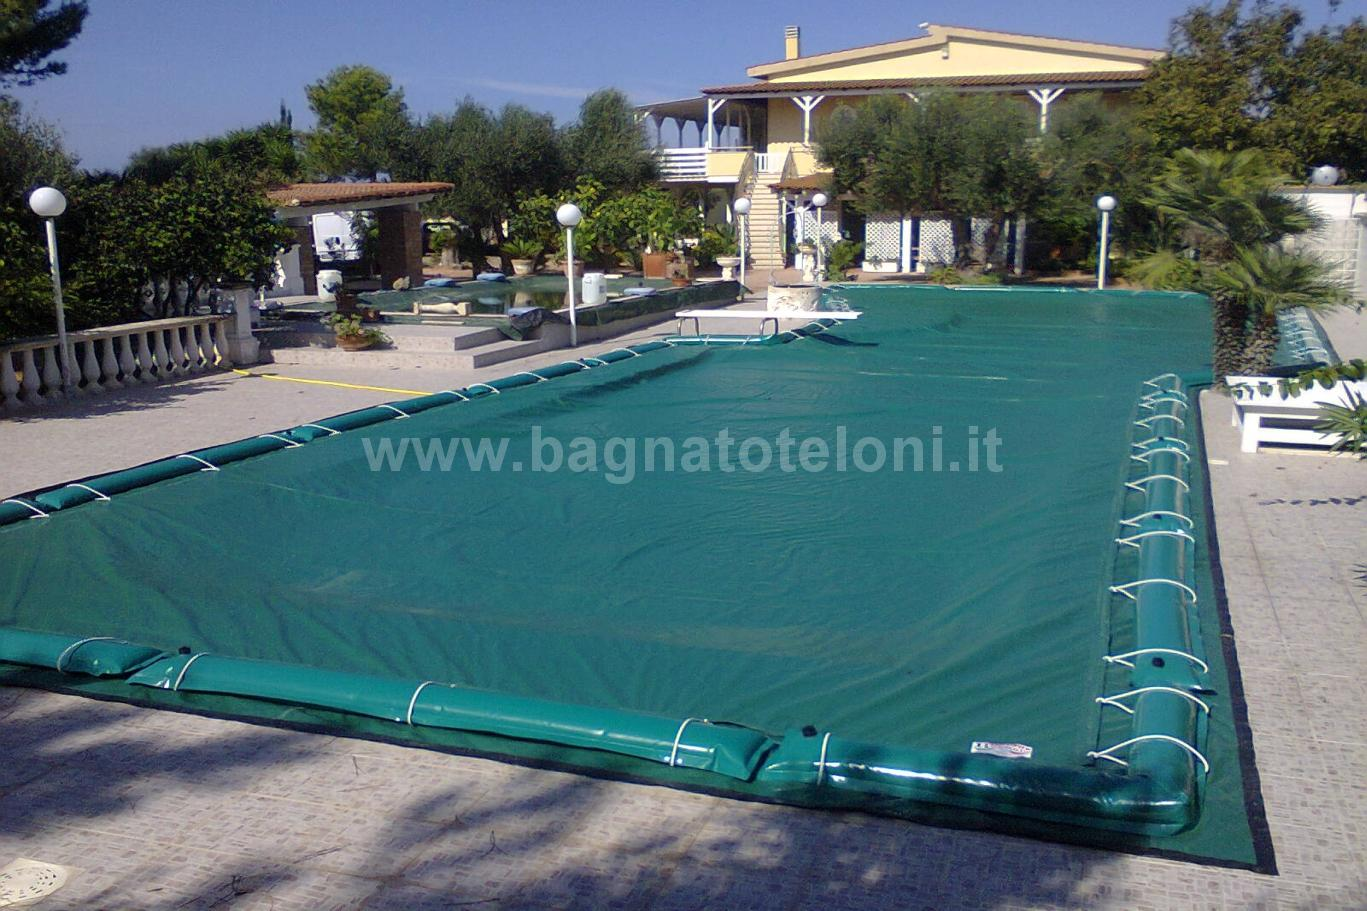 Coperture per piscine realizzazione di teloni copripiscine e coperture per piscine in tarpool - Salsicciotti per piscina ...